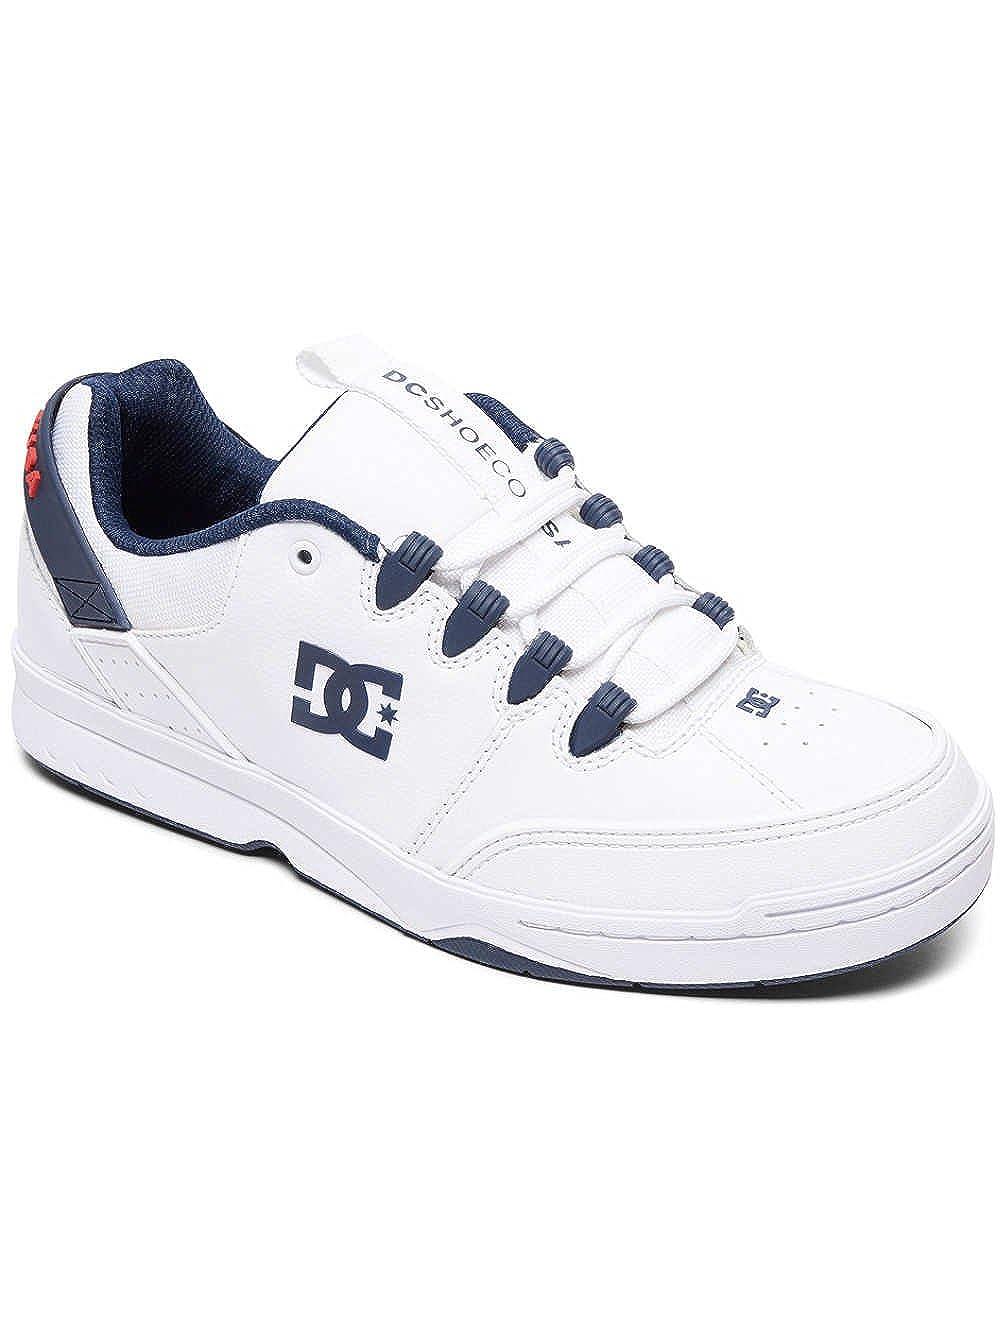 DC Schuhe Syntax Weiß Weiß Weiß Gr. 44.5 87ca16